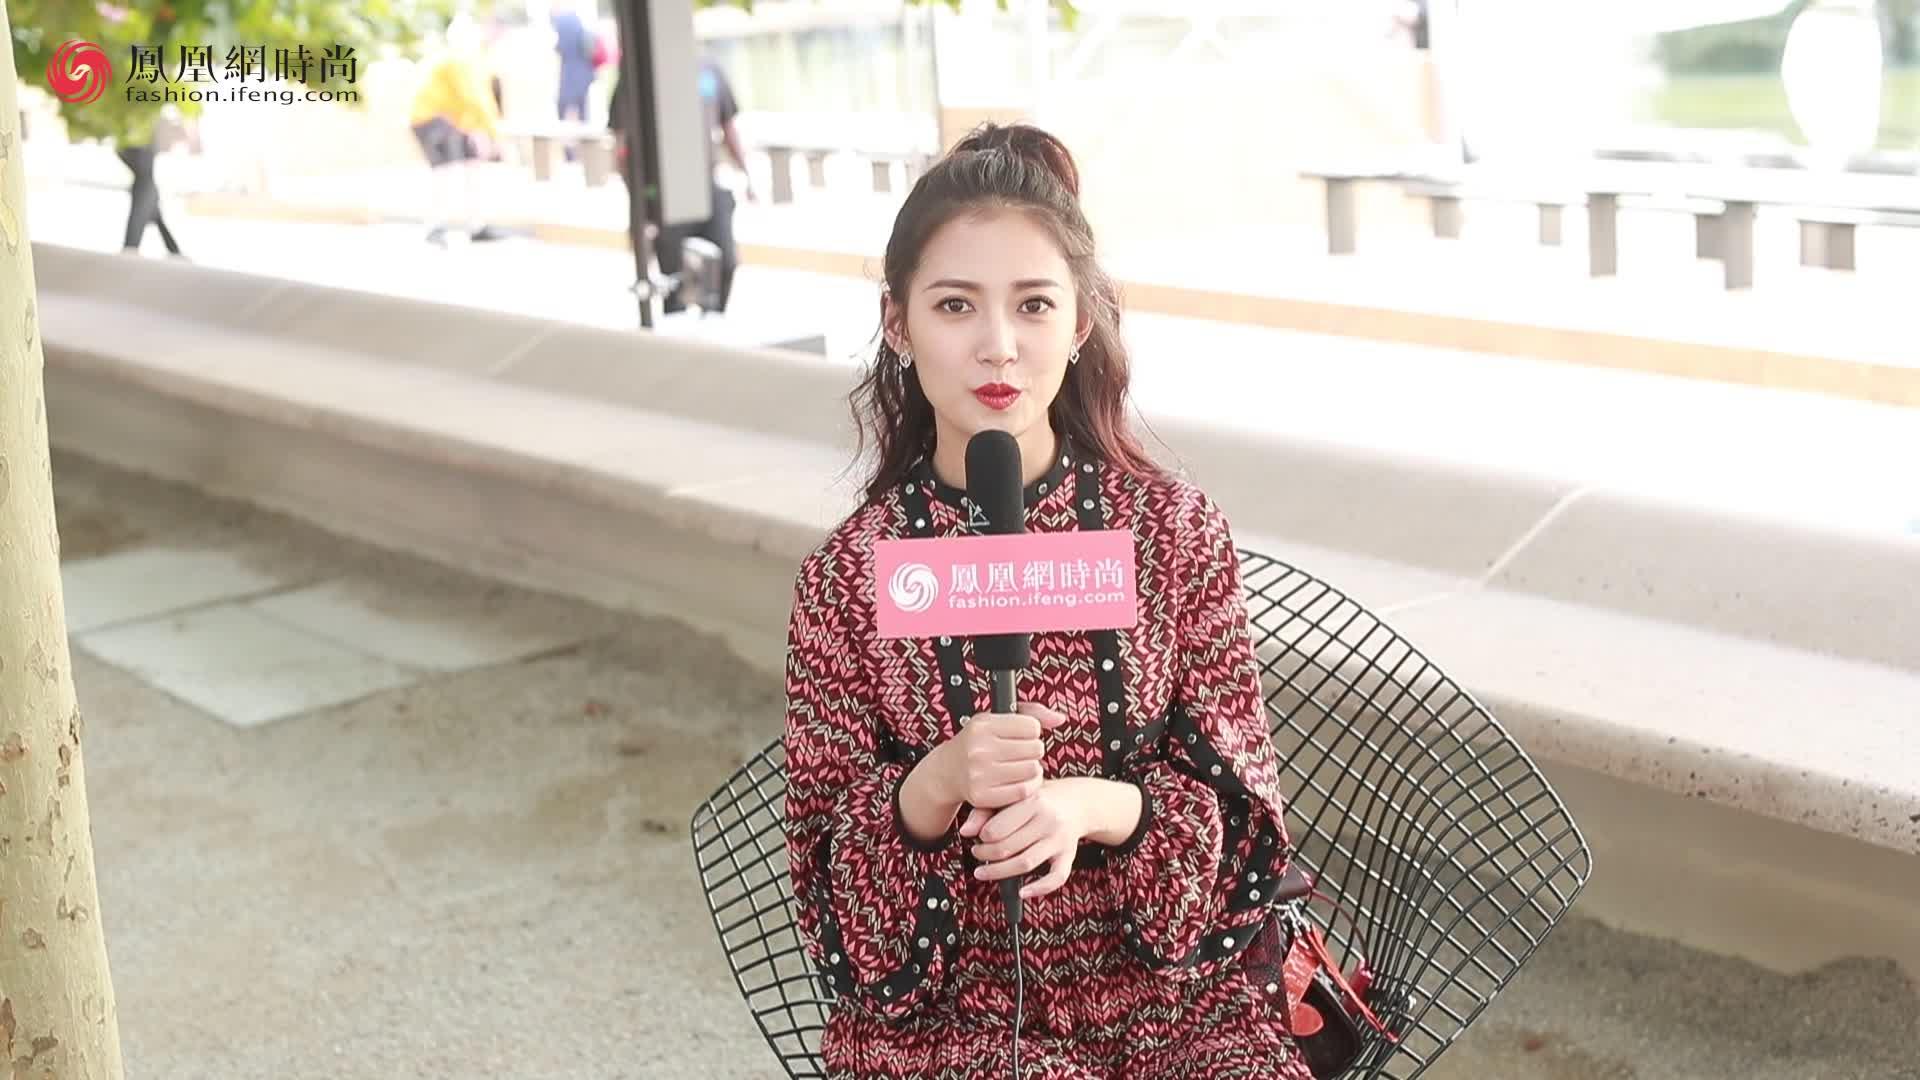 凤凰网时尚专访陈钰琪